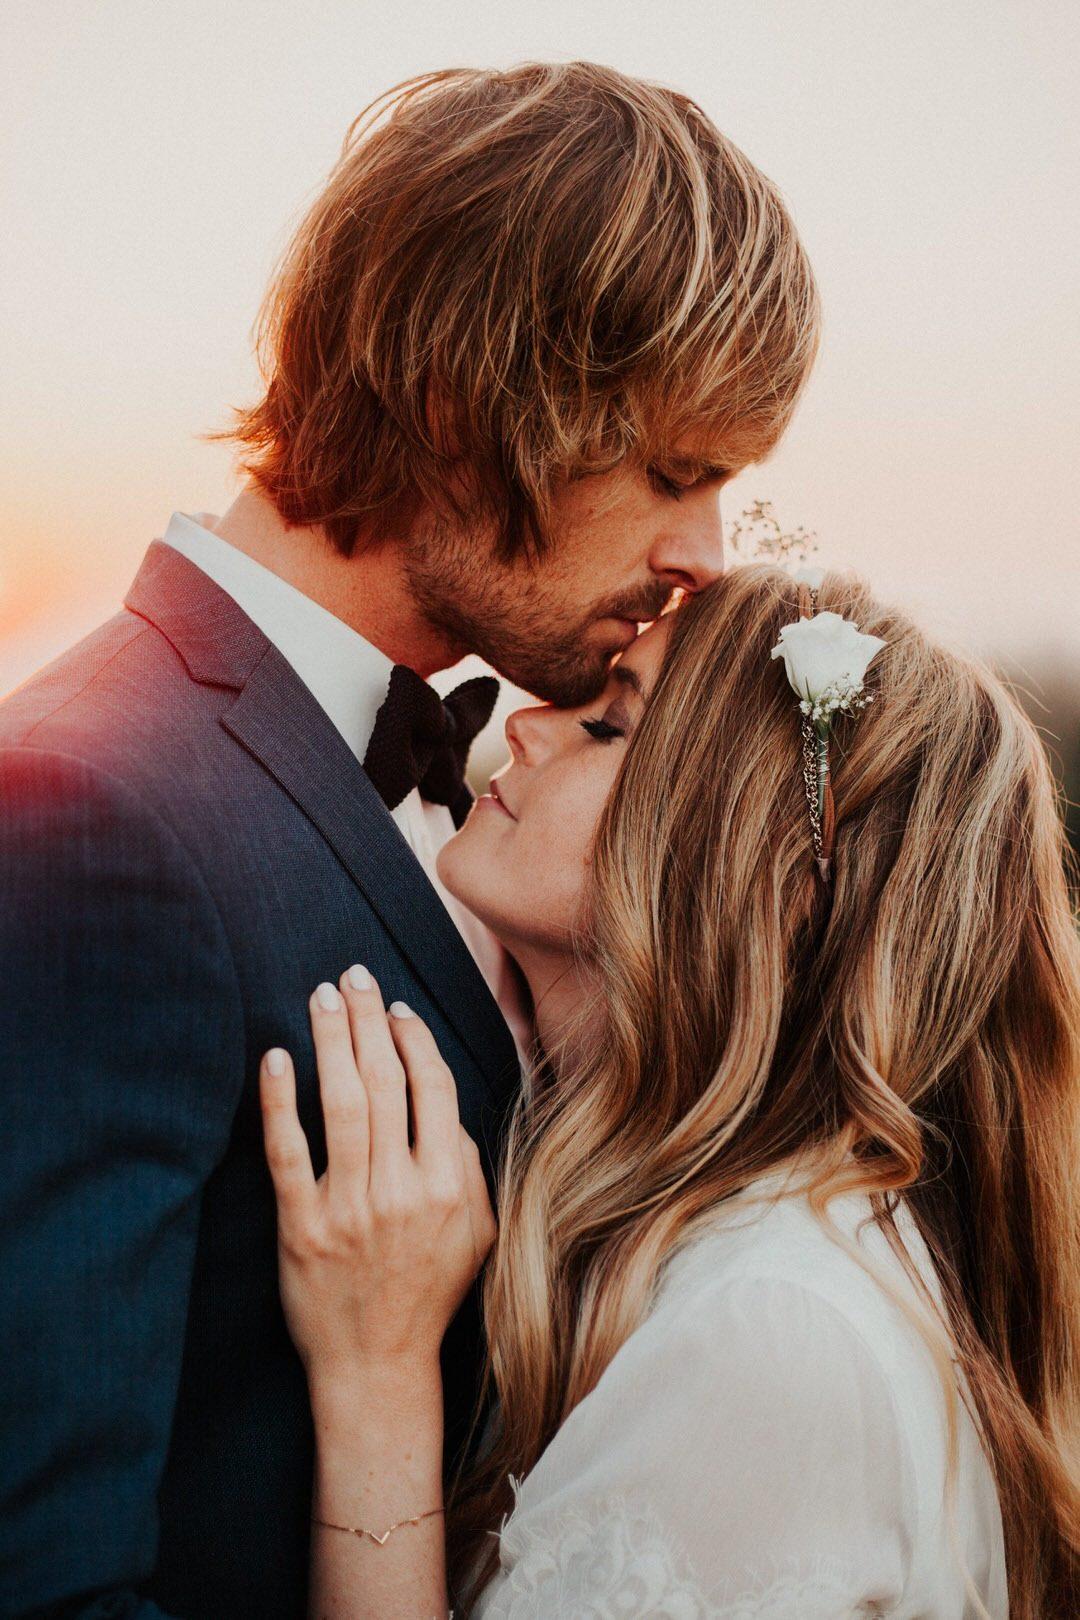 Zärtlicher Kuss von Bräutigam auf die Stirn seiner Boho-Braut.